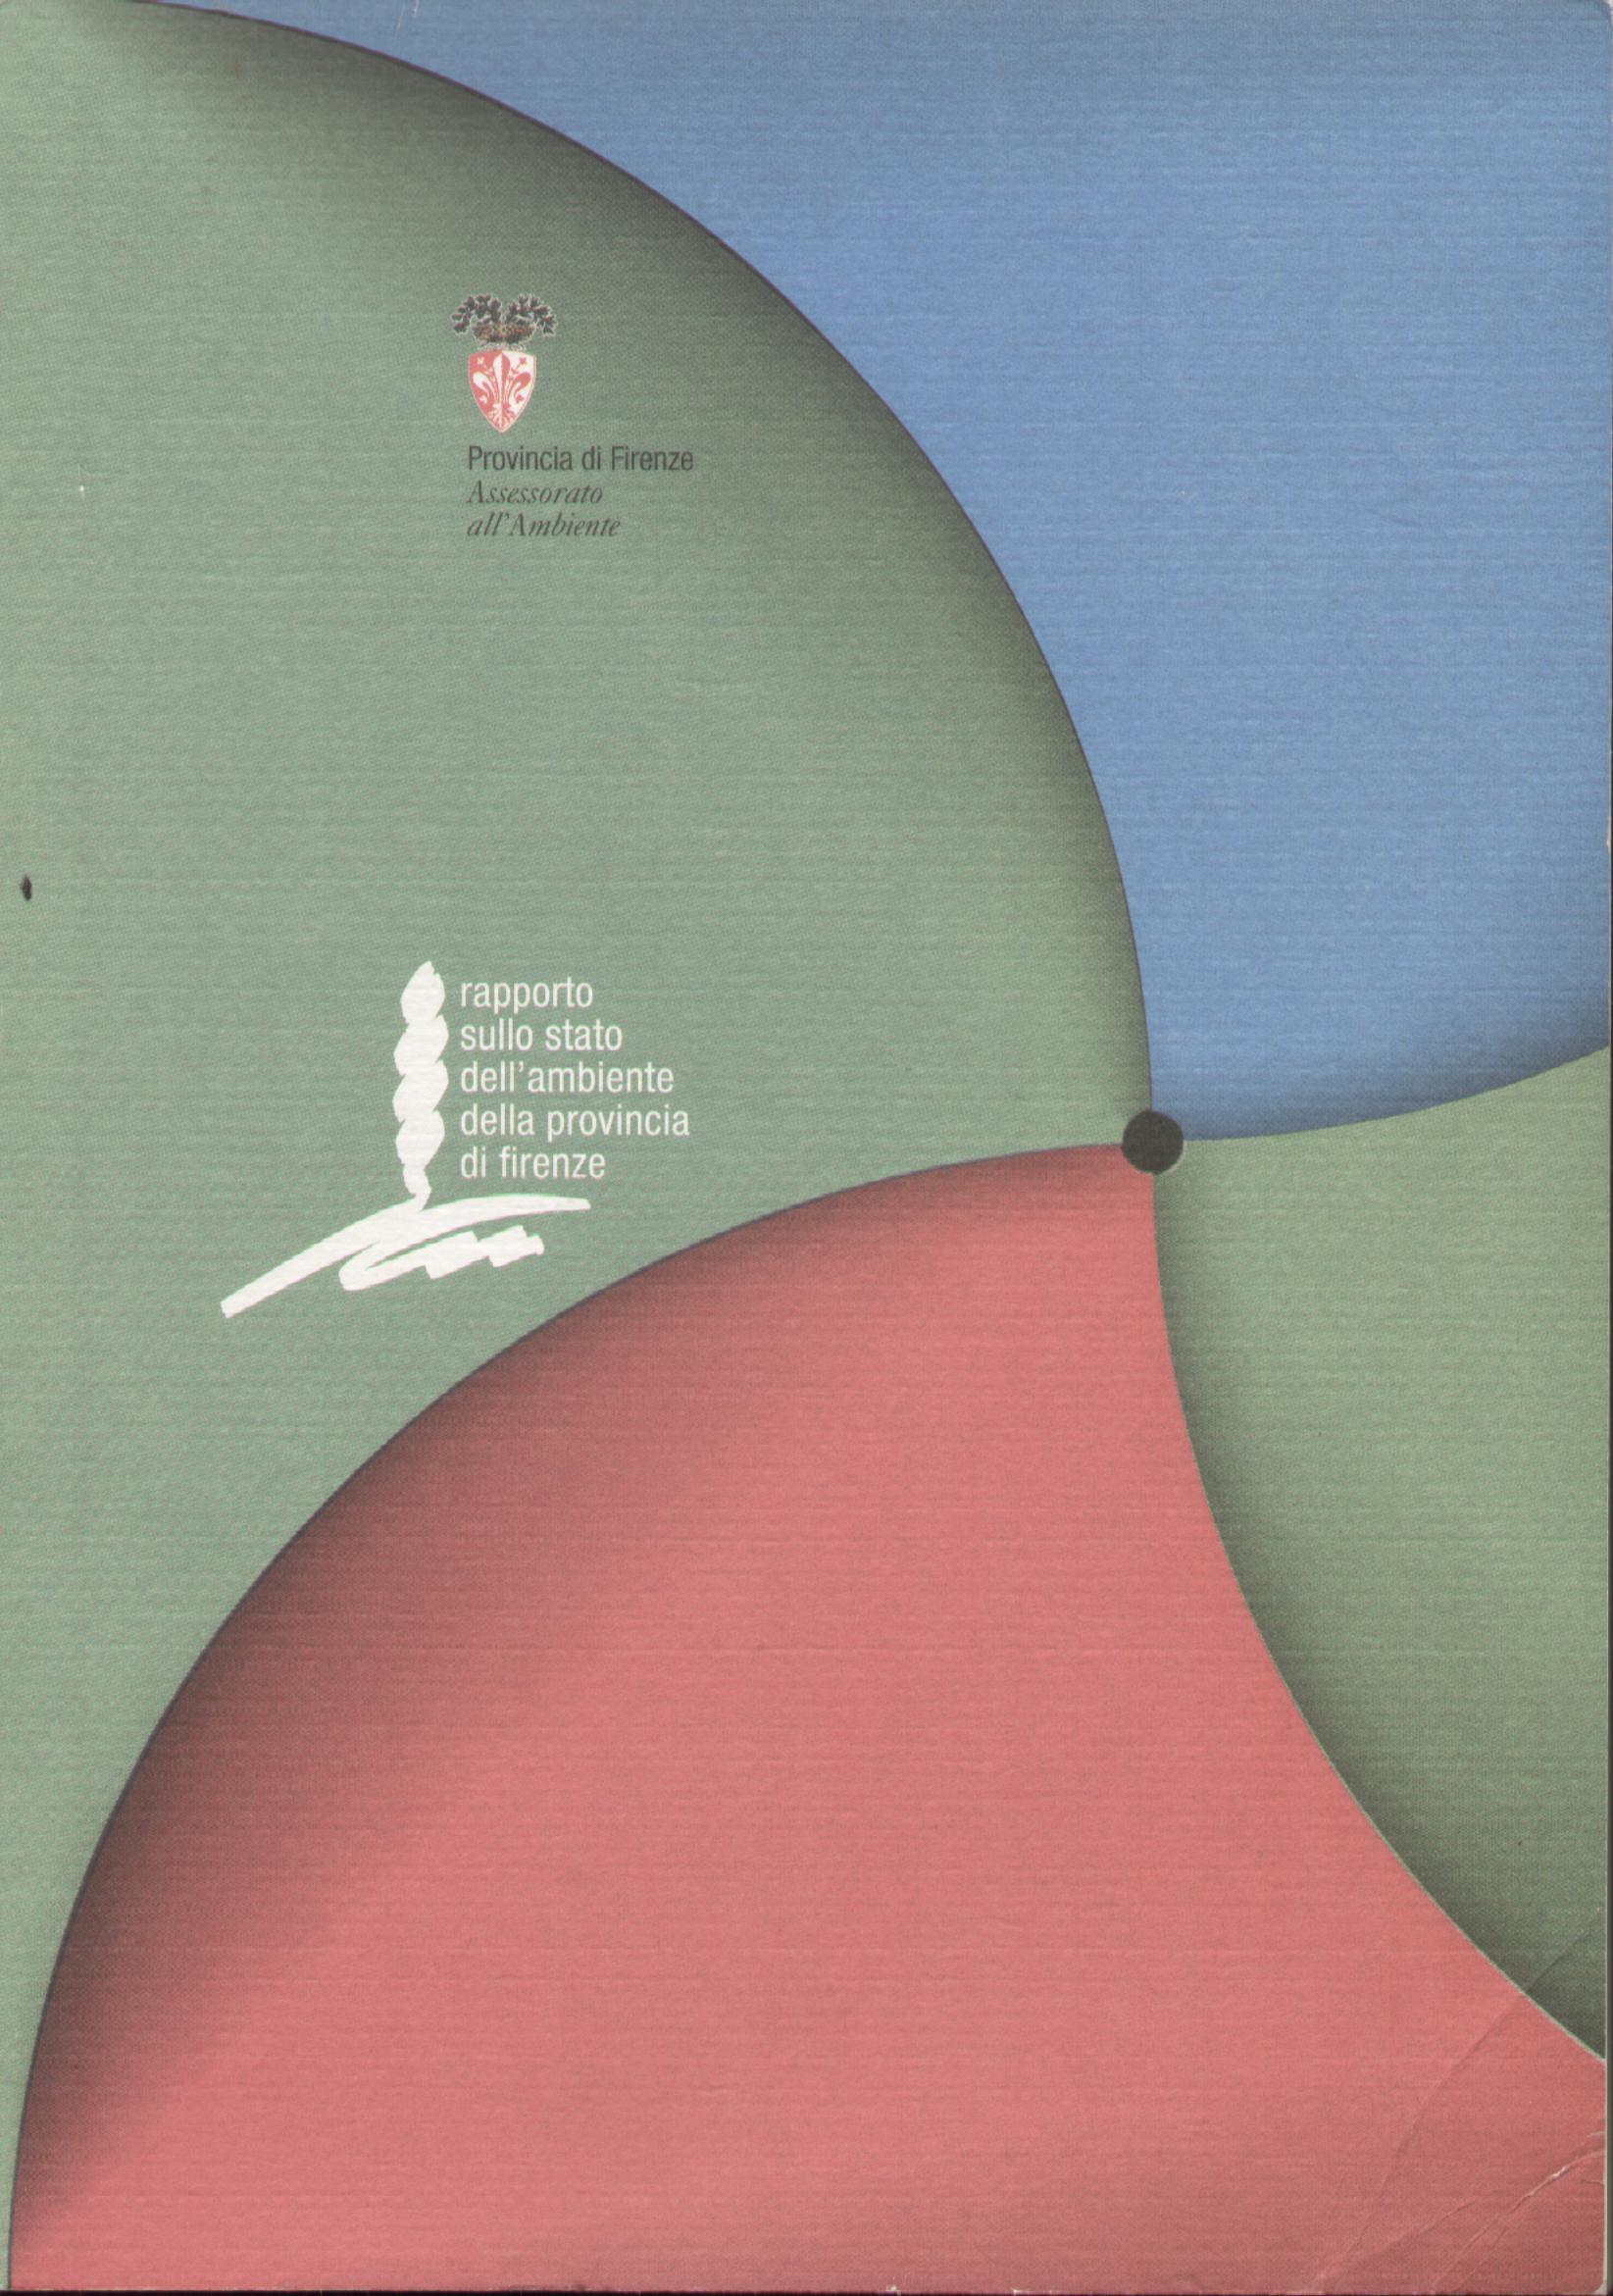 Rapporto sullo stato dell'ambiente della provincia di Firenze